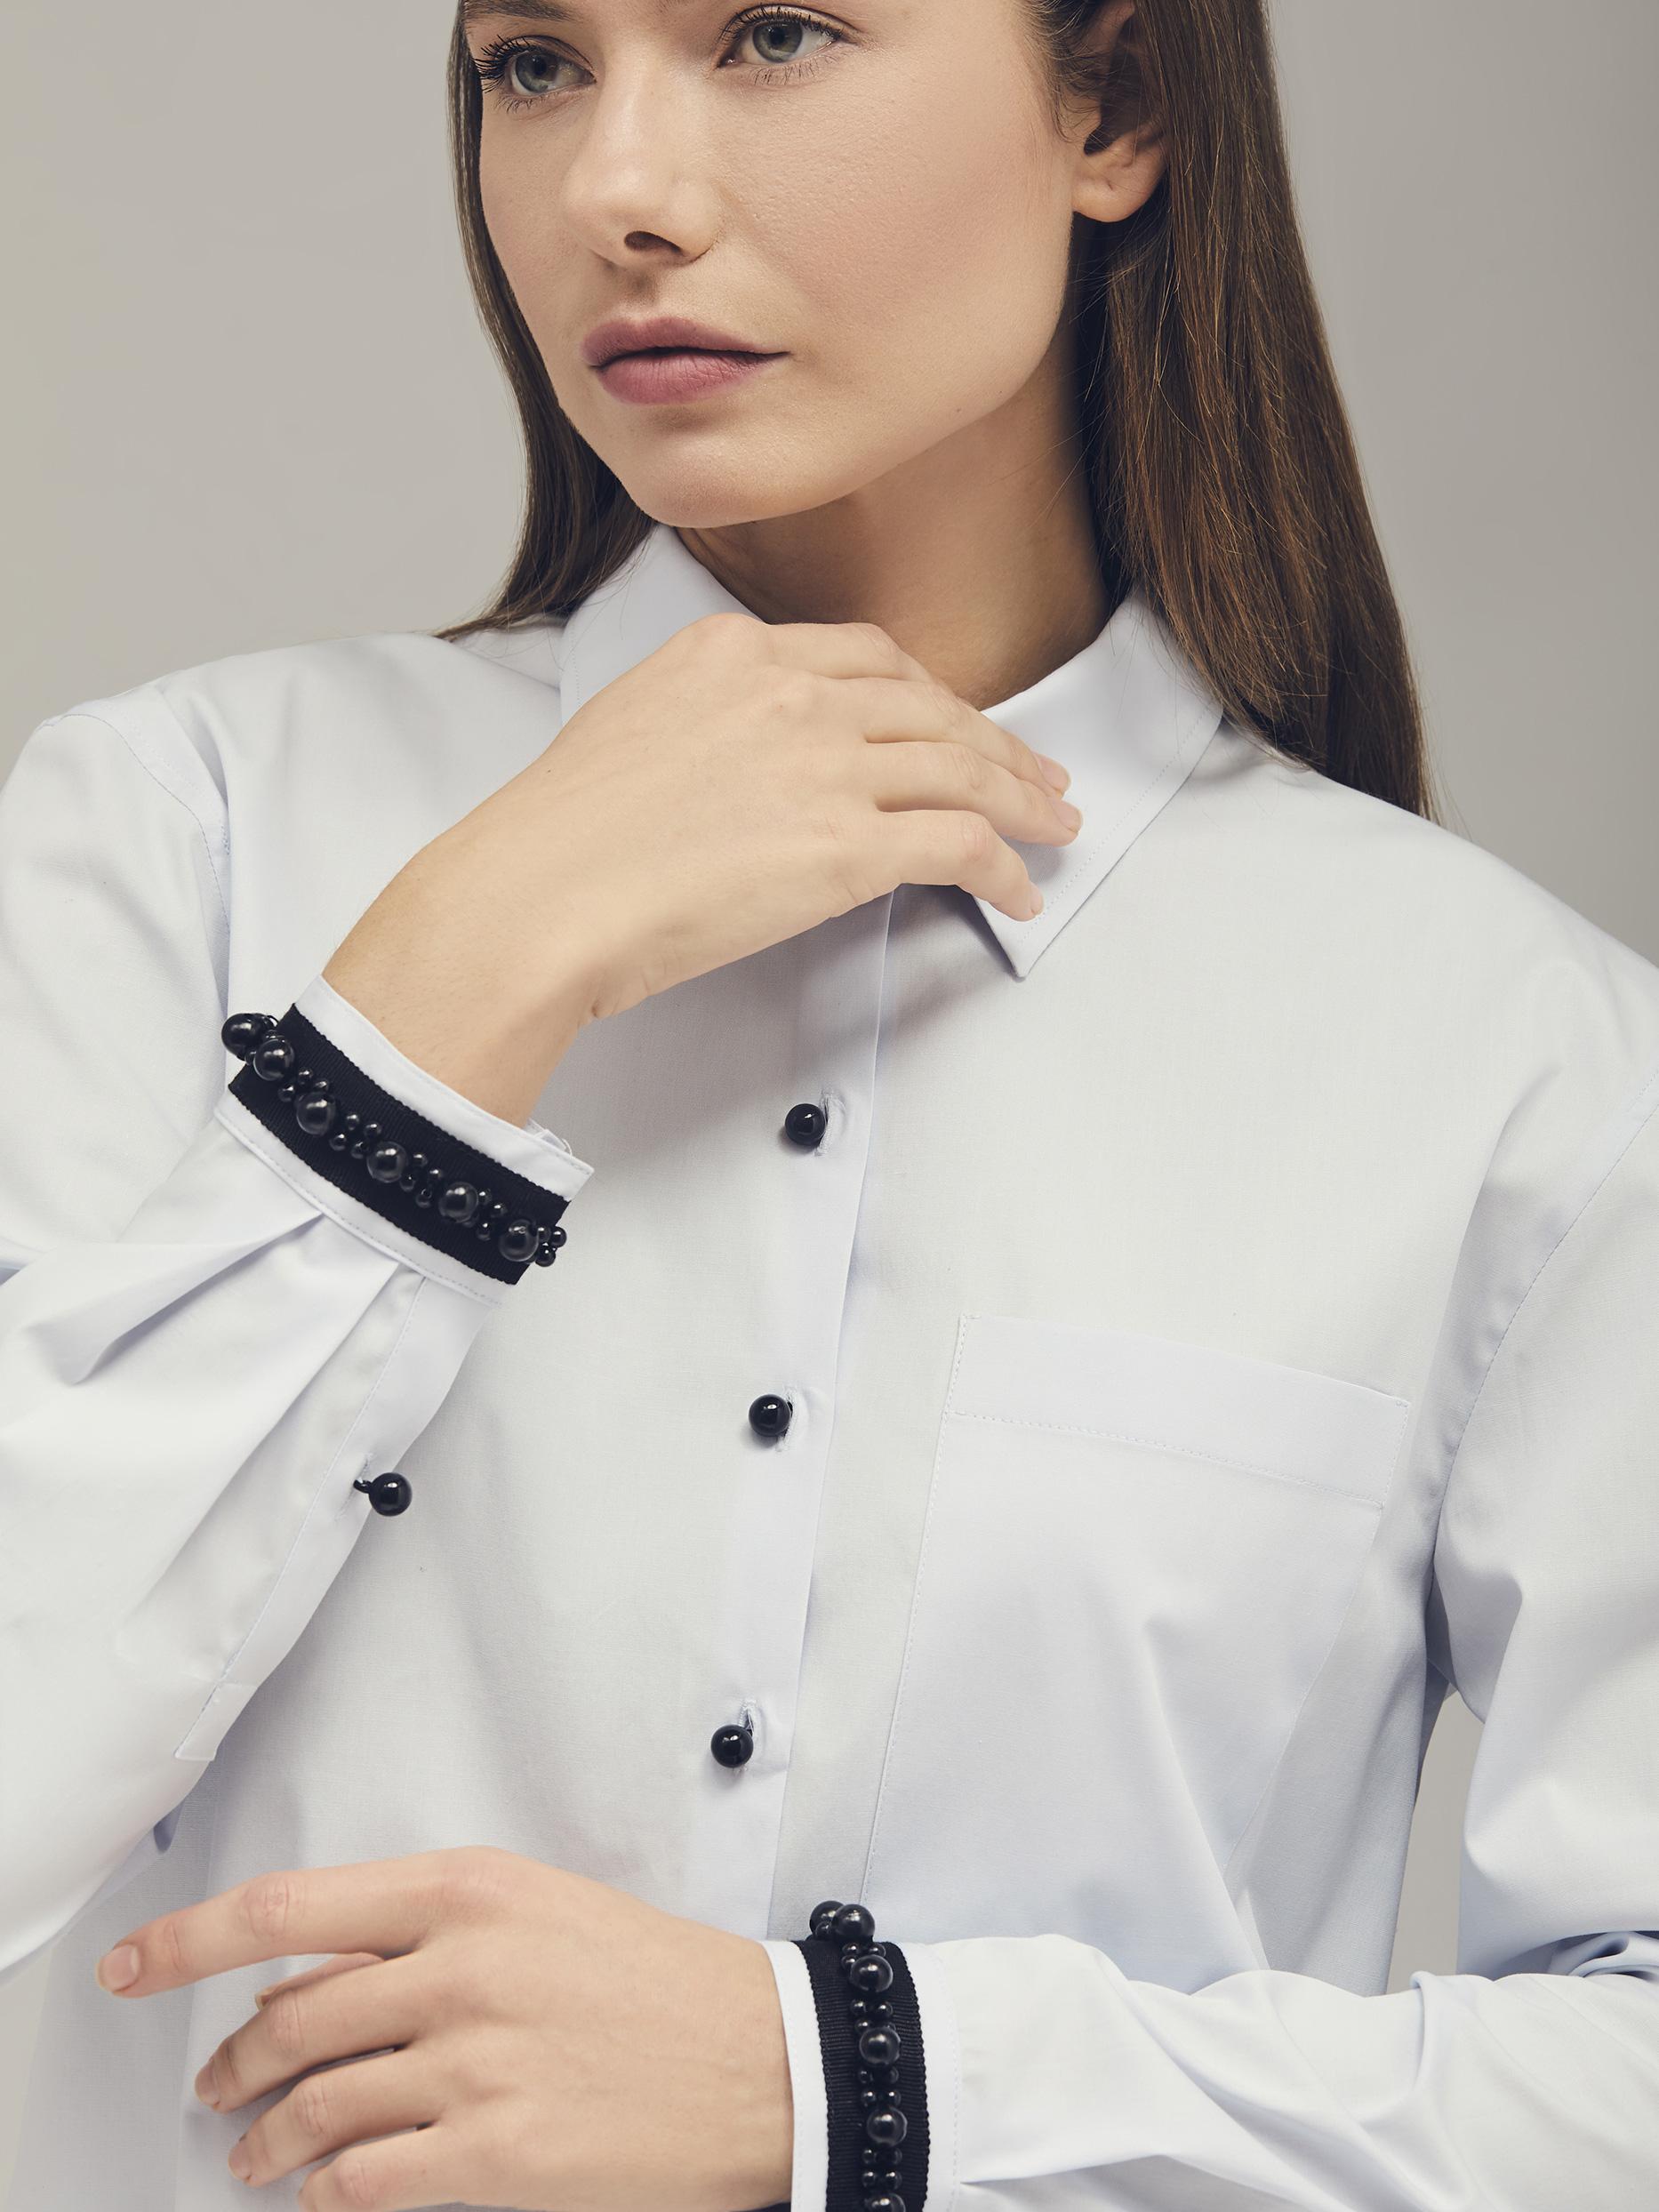 Хлопковая рубашка с бусинами фото